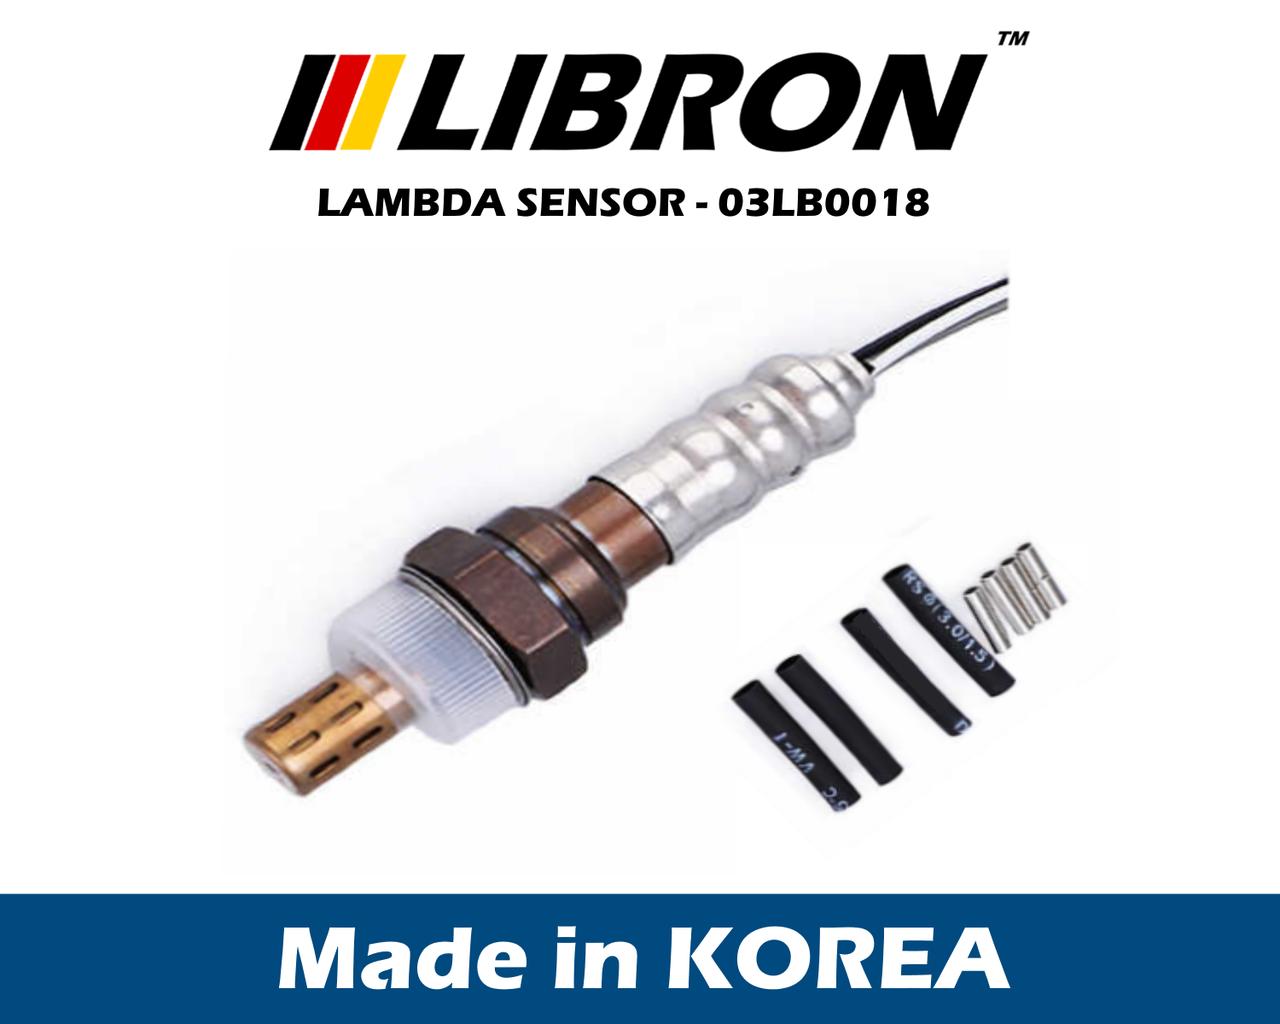 Датчик кислорода Libron 03LB0018 - Peugeot 206 Наклонная задняя часть (2A/C)